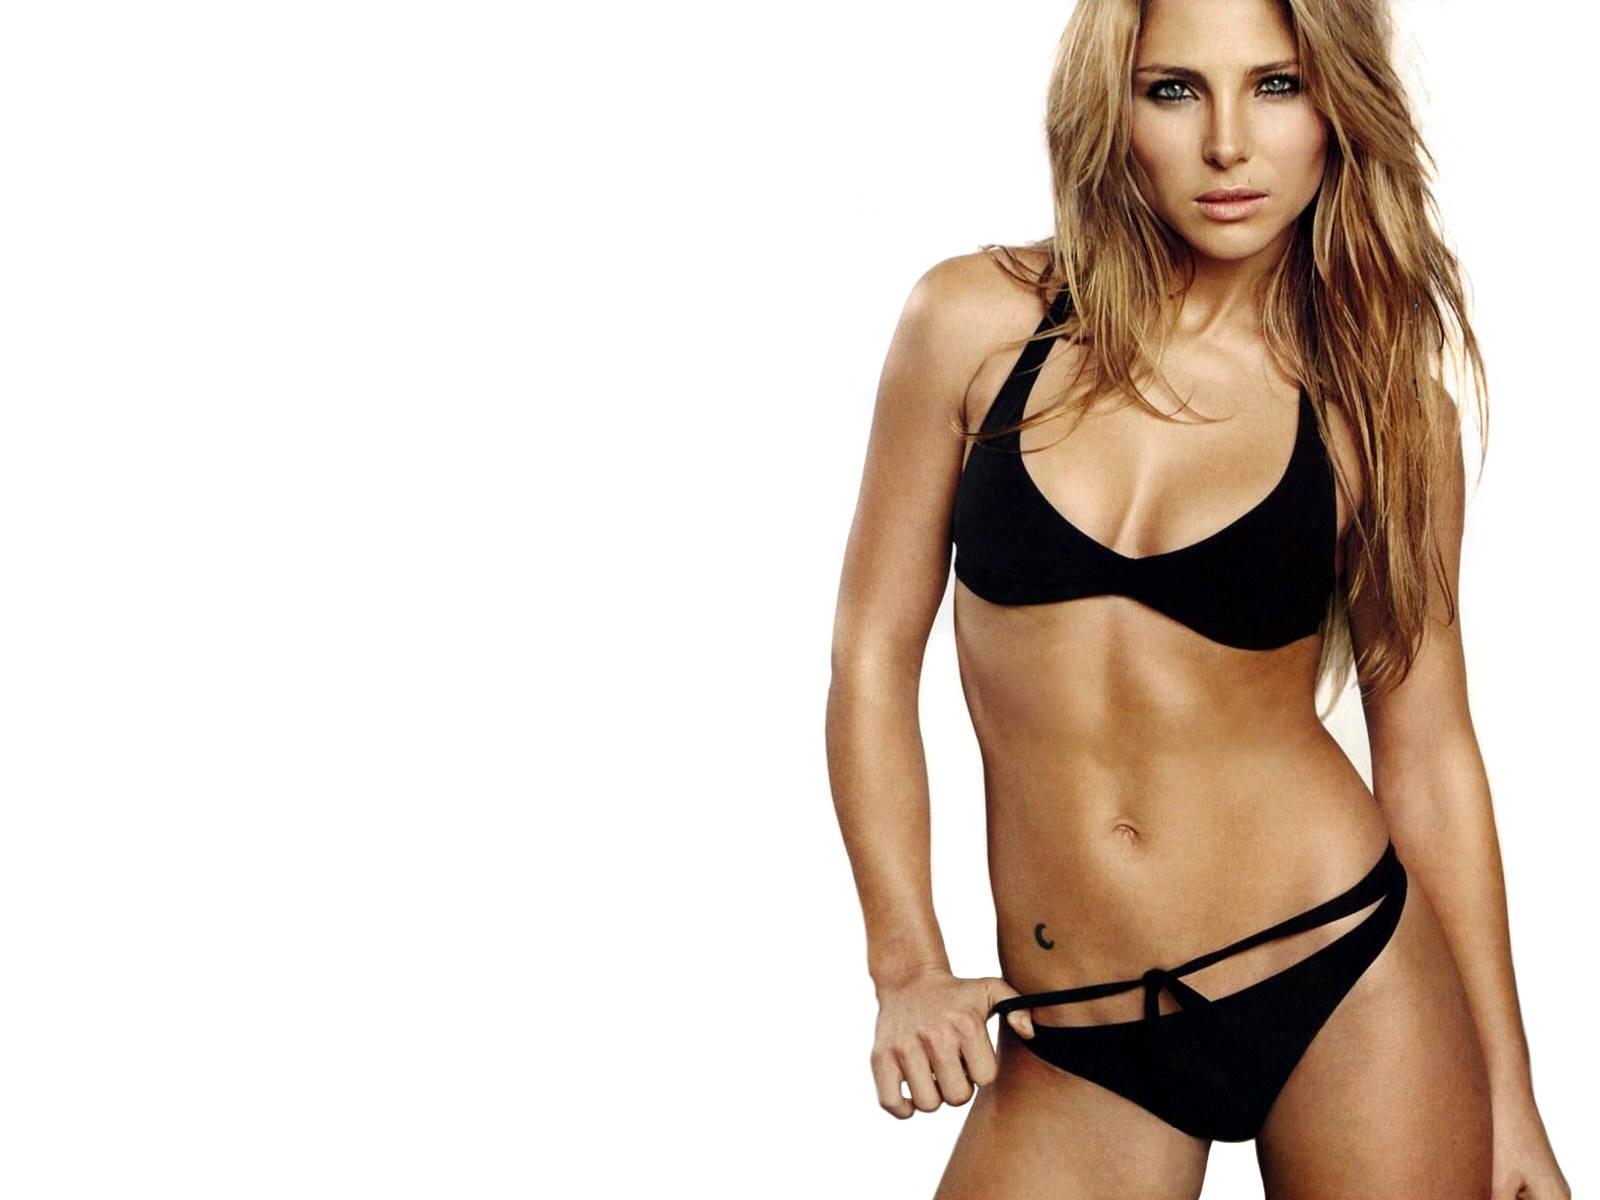 http://4.bp.blogspot.com/-zbj5nncSFtQ/Th5gloNR9bI/AAAAAAAAAqE/zlDR91rJIHo/s1600/Sexy-Anuska-Bikini_Wallpaper.jpg